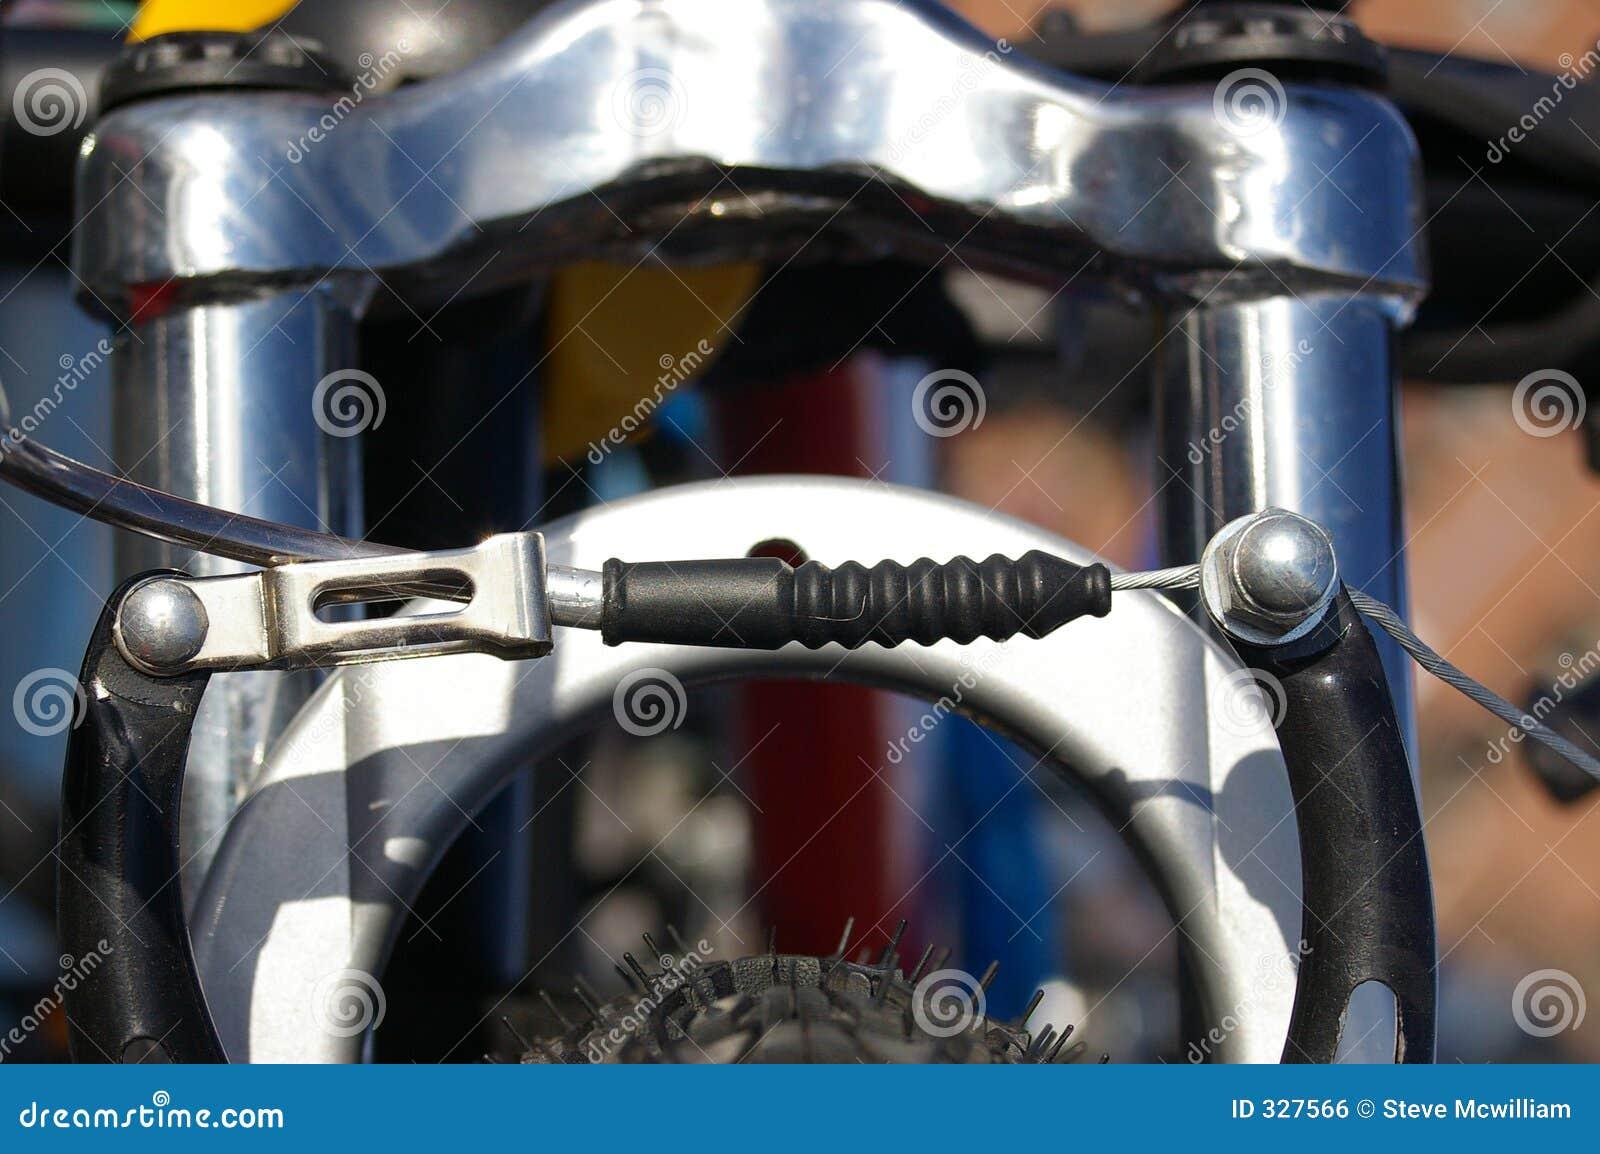 fahrrad bremse ziehen 01 stockfoto bild von bremse. Black Bedroom Furniture Sets. Home Design Ideas